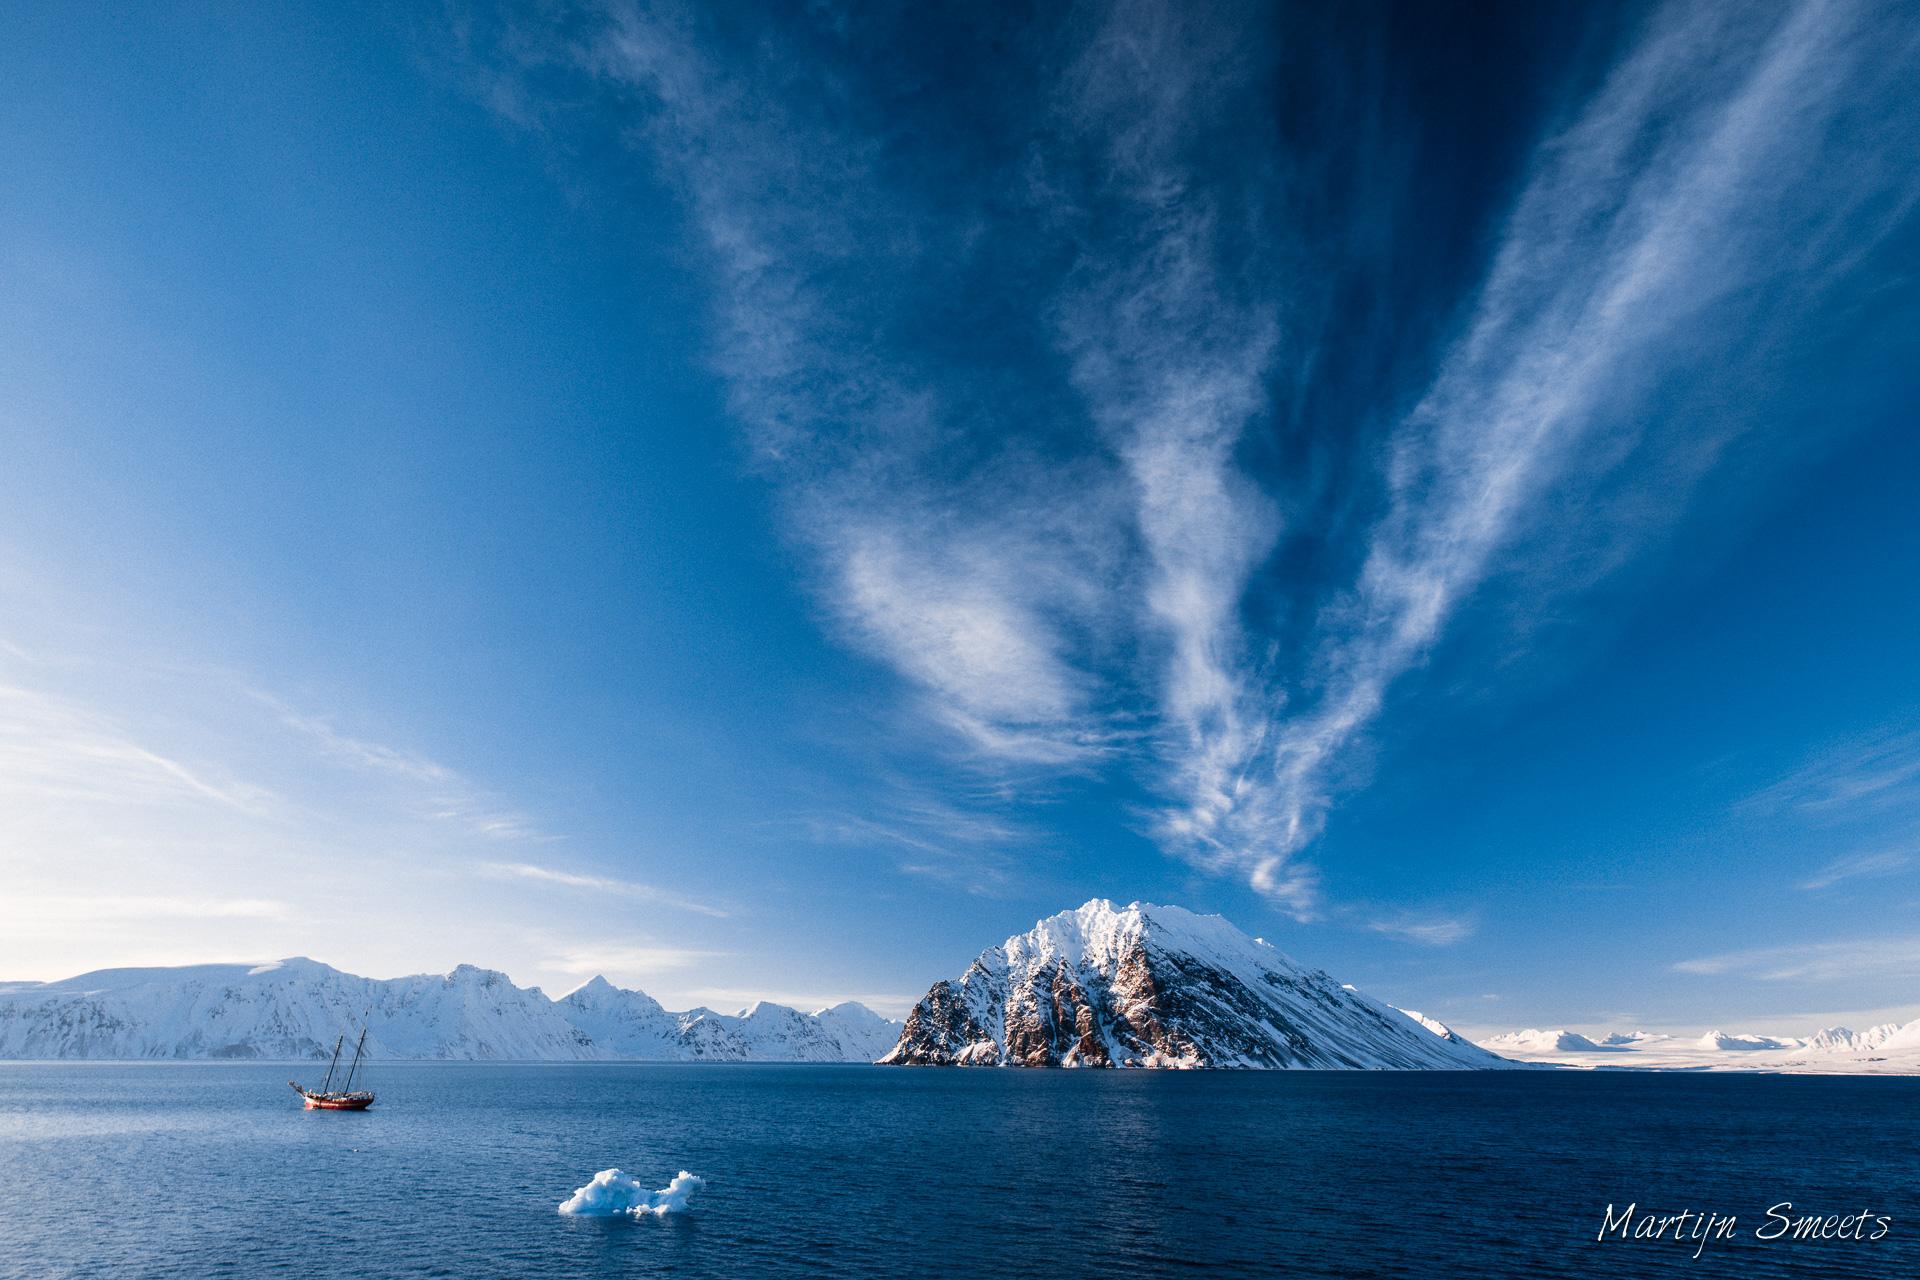 Zeilschip Noorderlicht in de Krossfjorden van Spitsbergen